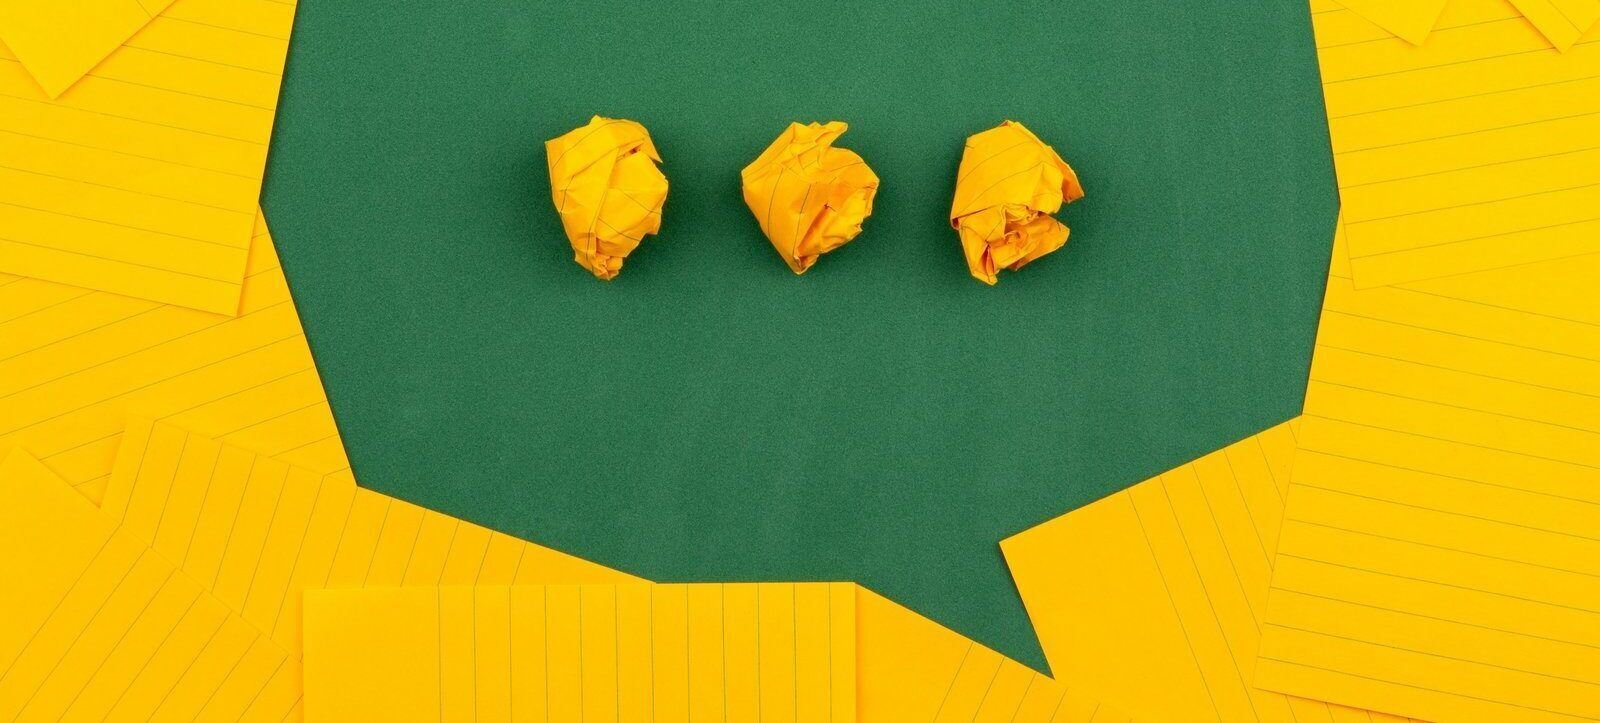 1600-produttività-collaborazione-comunicazione-gestione-efficacia-leadership-armando-cignitti-impresa-evolvere-improvia